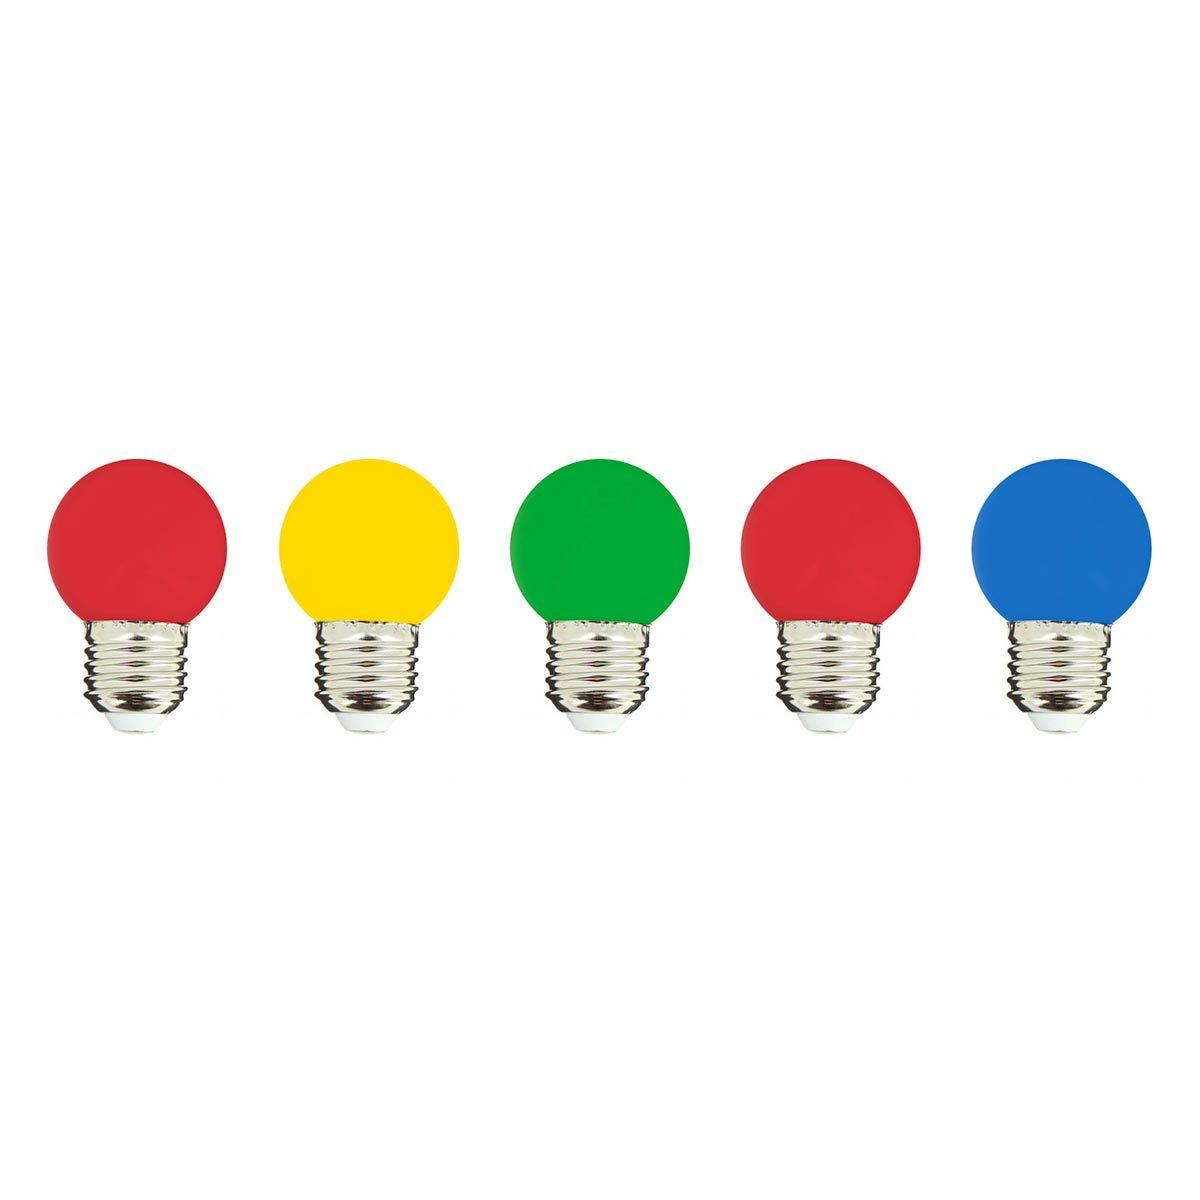 Lot de 5 ampoules LED plastique multicolore H7cm